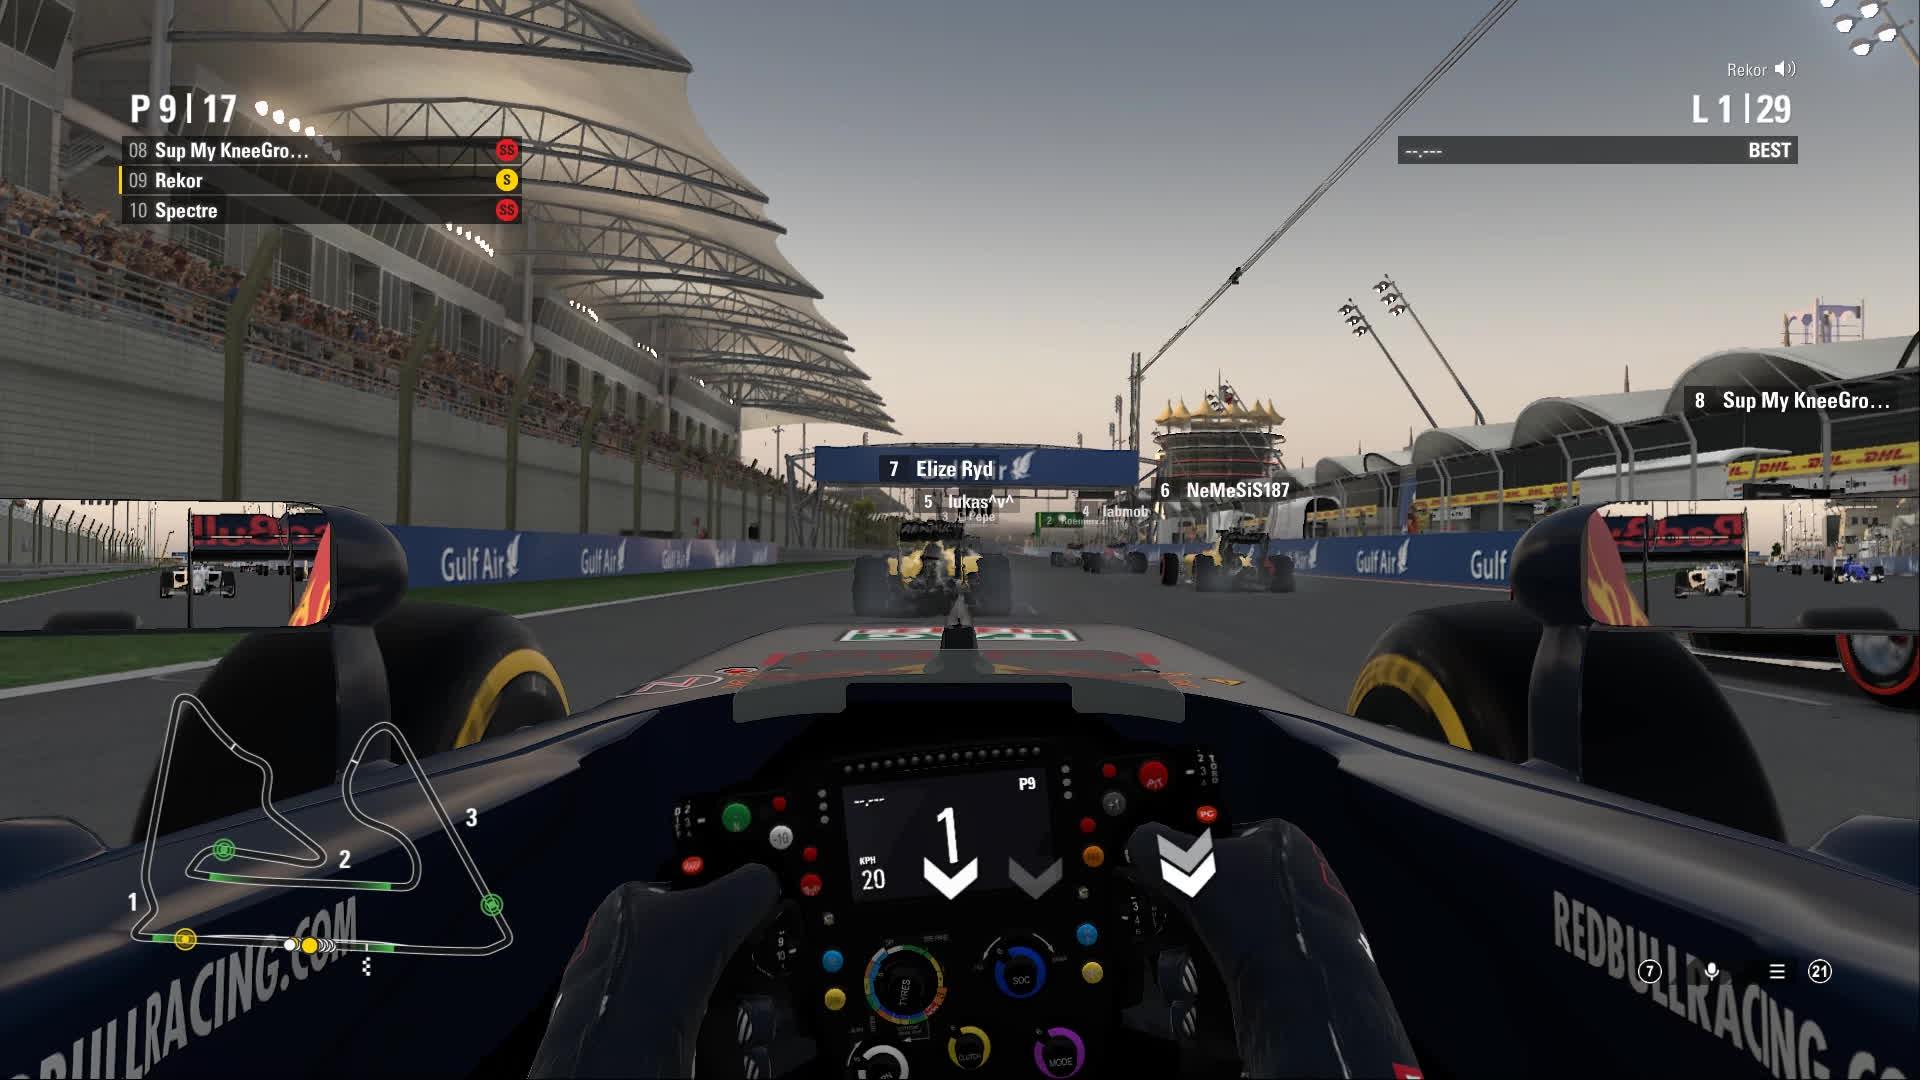 bahrain, f1 2016, virtualwdcpc, F1 2016 - VirtualWDCPC - 1400 S8R03 - Bahrain GP - Start GIFs